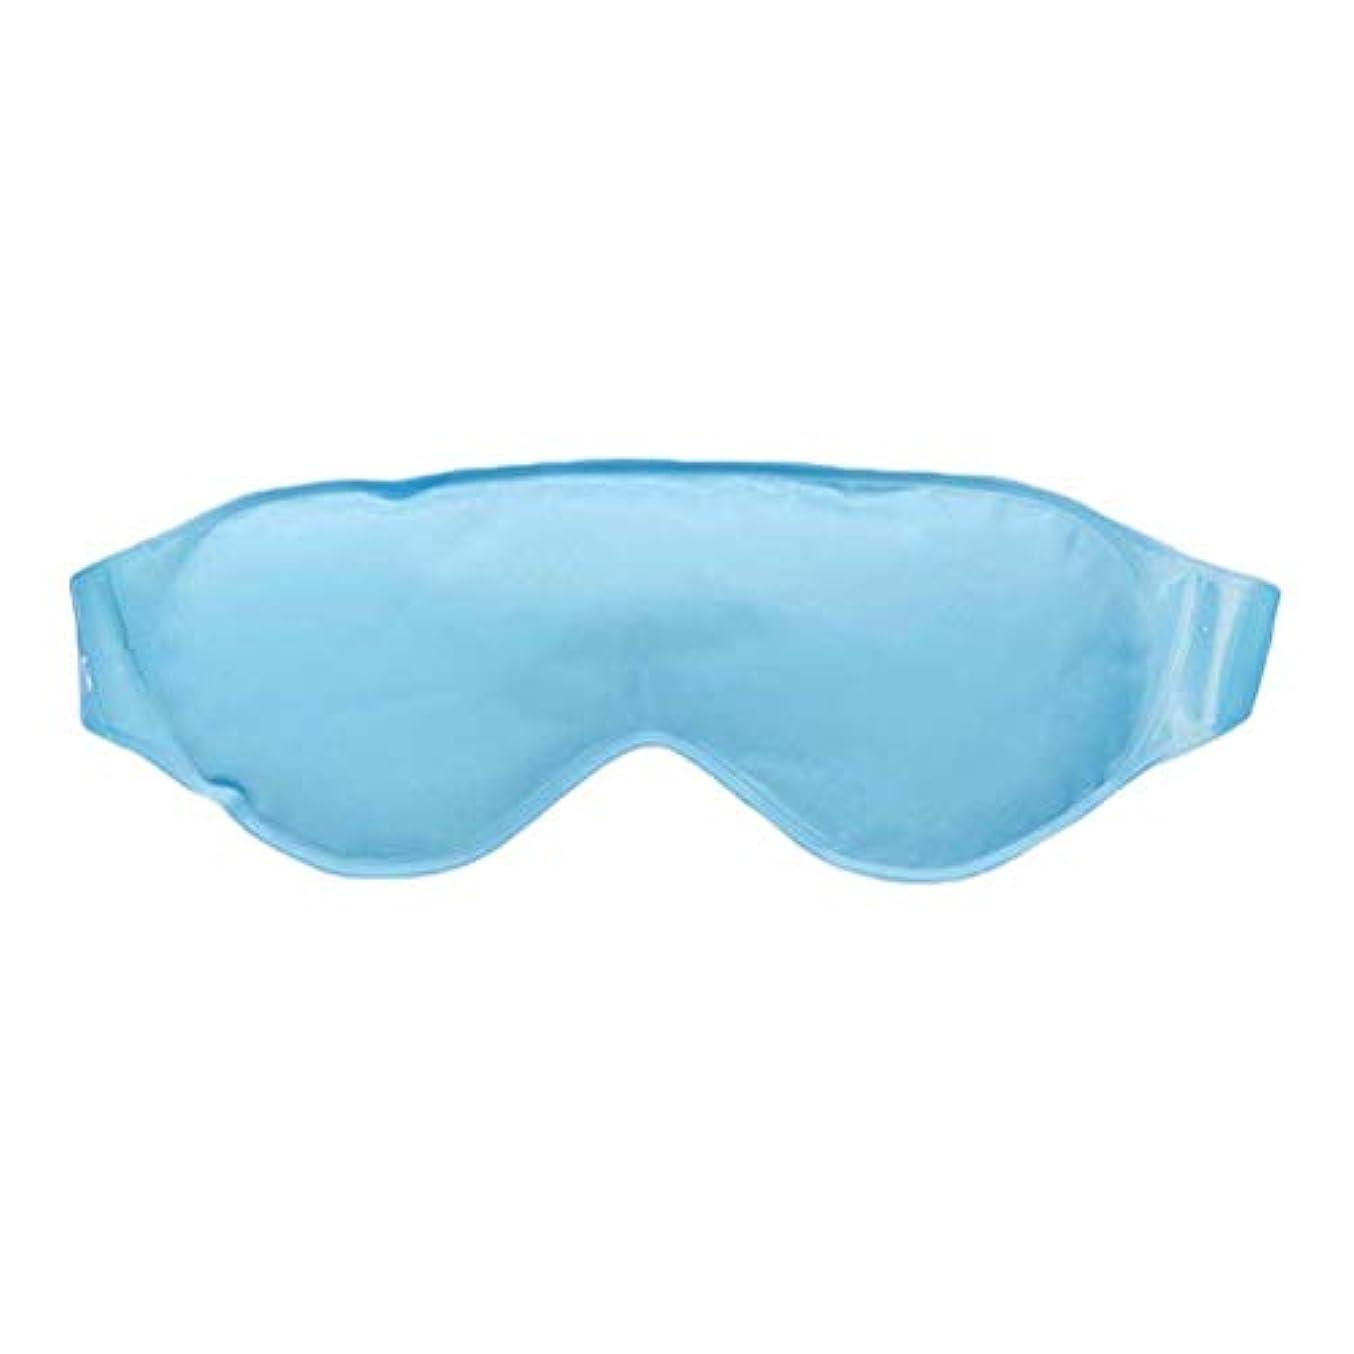 HEALIFTY 女性の男性のためのアイスアイマスクパッチ目隠し冷却リラックスブラインドパッチ